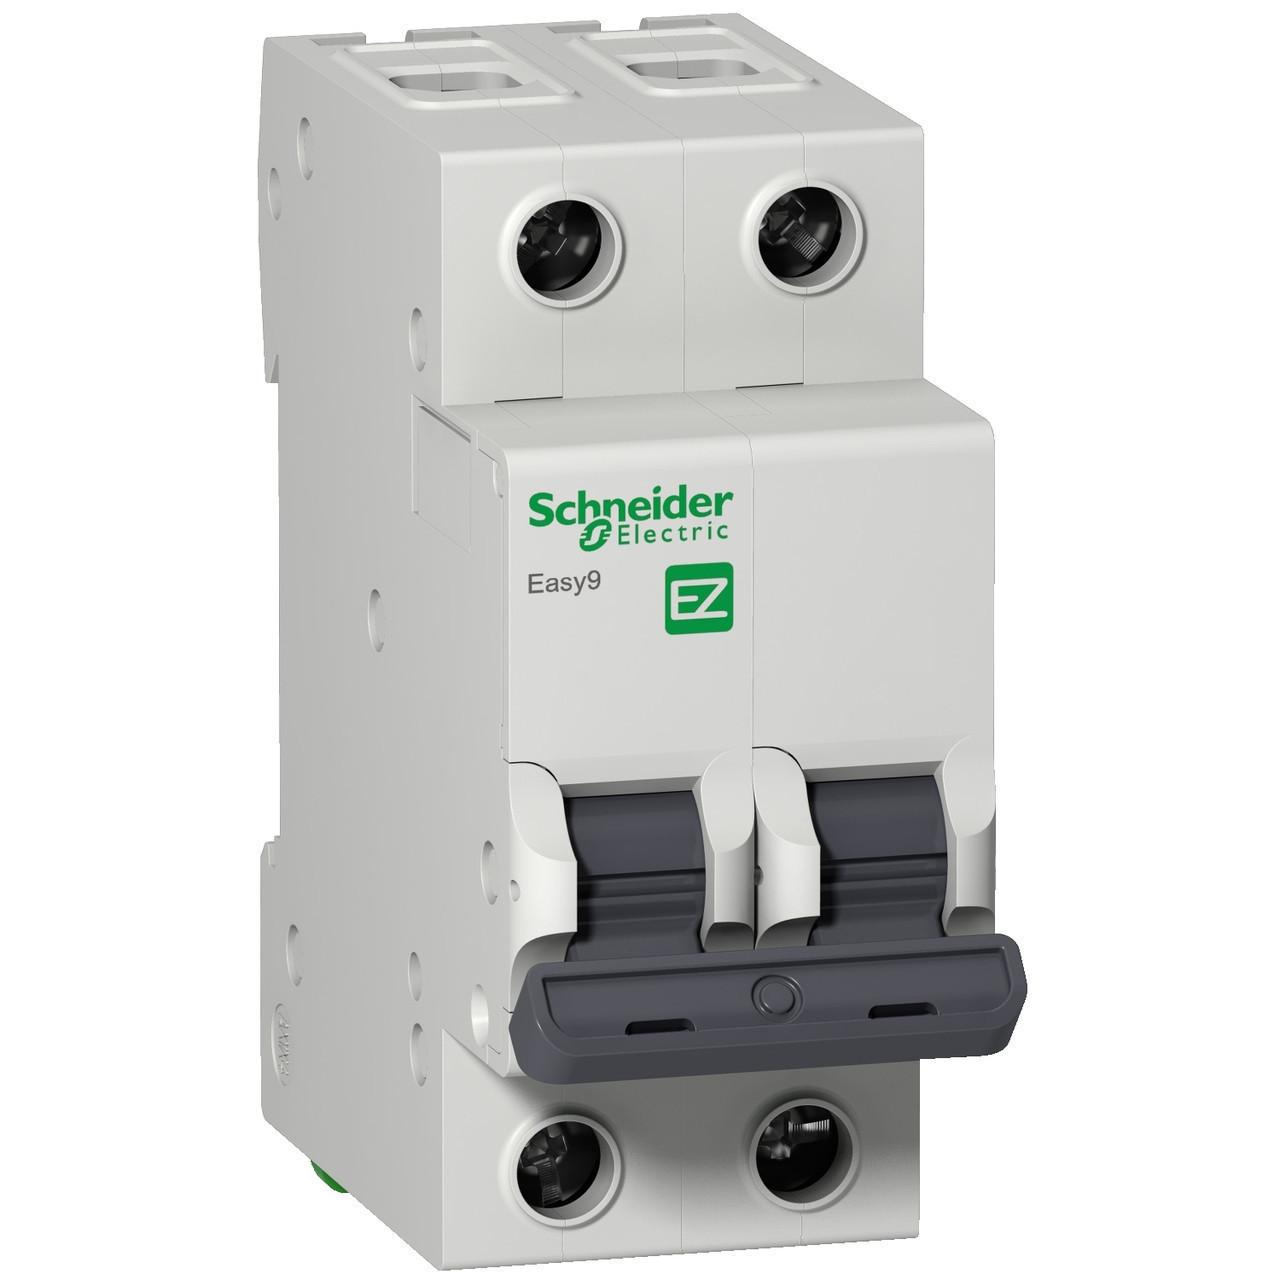 Автоматический выключатель EZ9F14240 Easy9 Schneider 2P, 40A, тип «B»